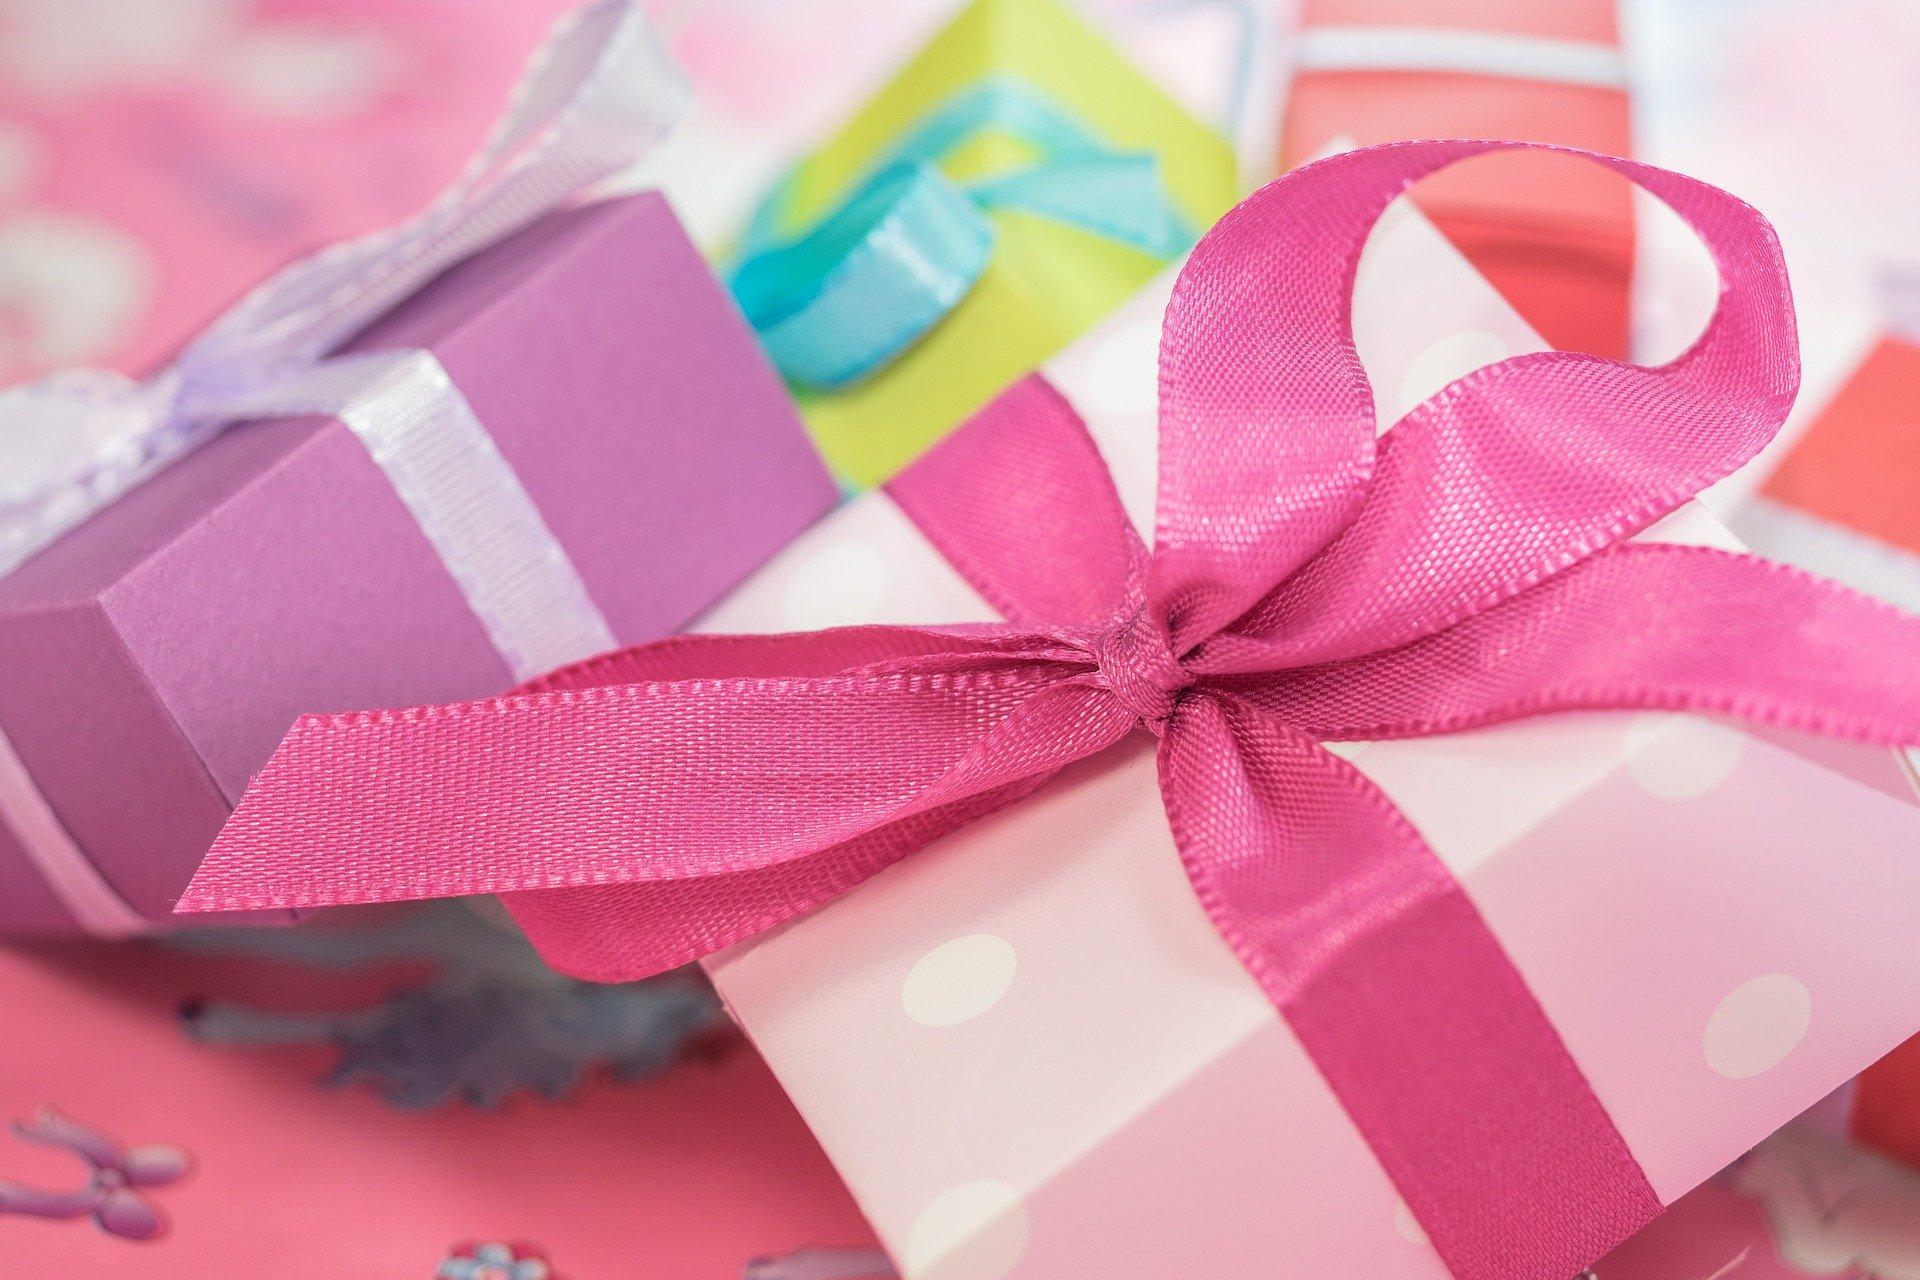 女性を惚れさせるプレゼント【誕生日・クリスマス】